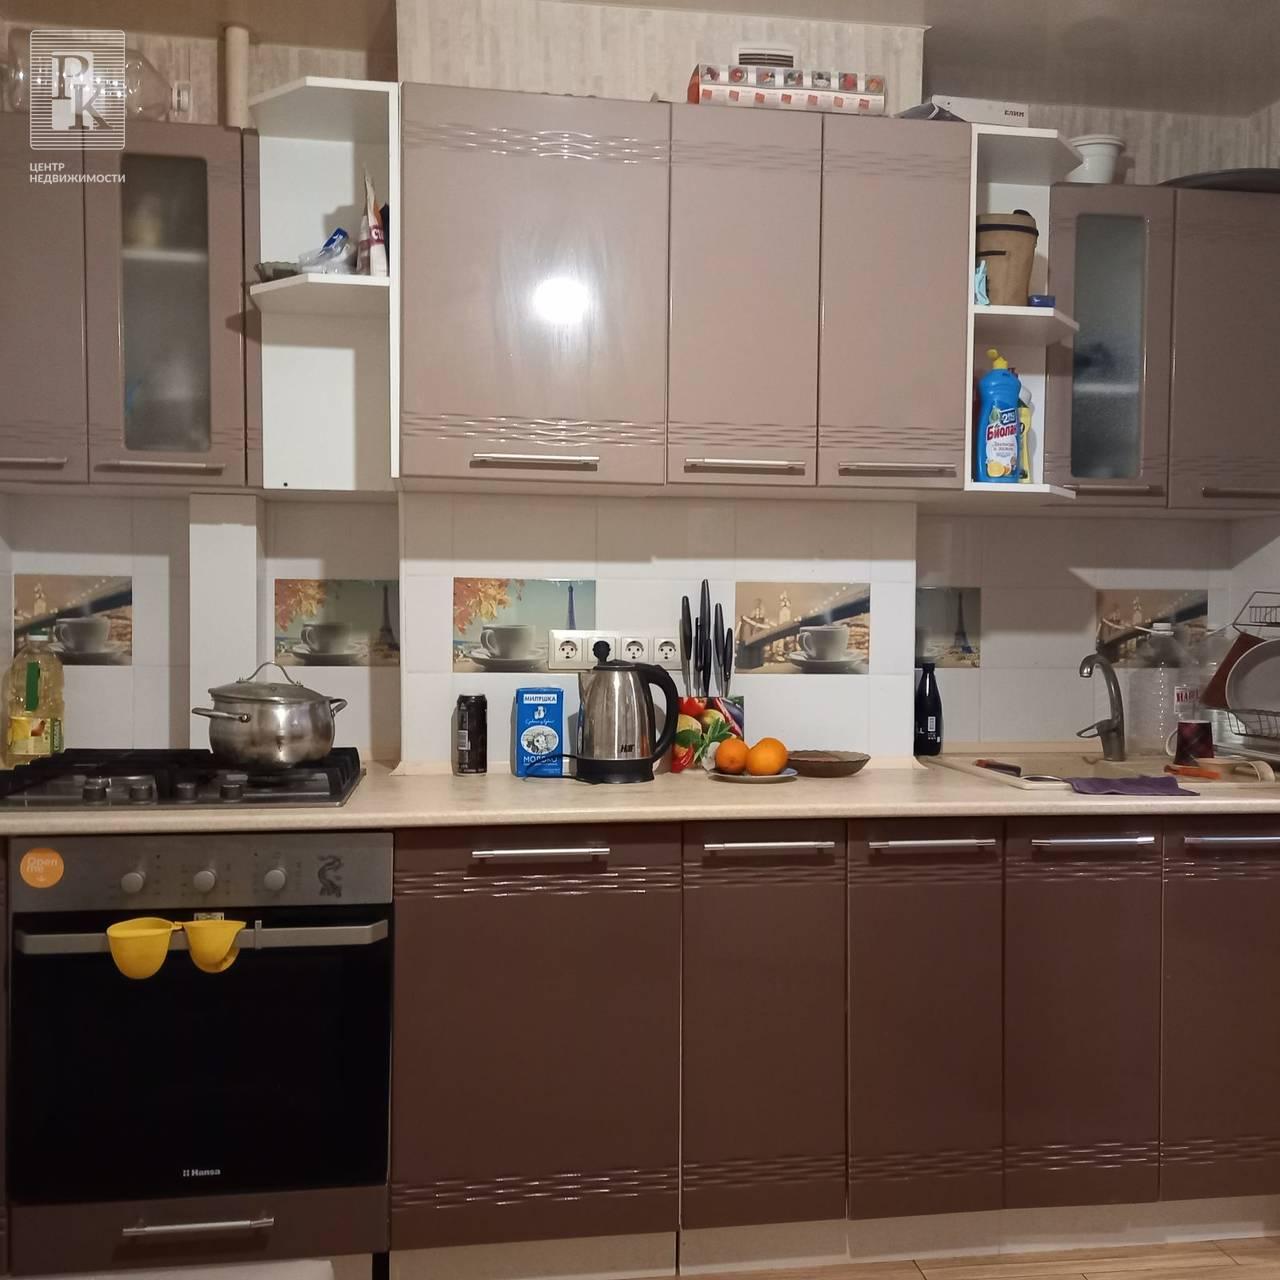 Продается однокомнатная квартира по ул. Комбрига Потапова 29В.